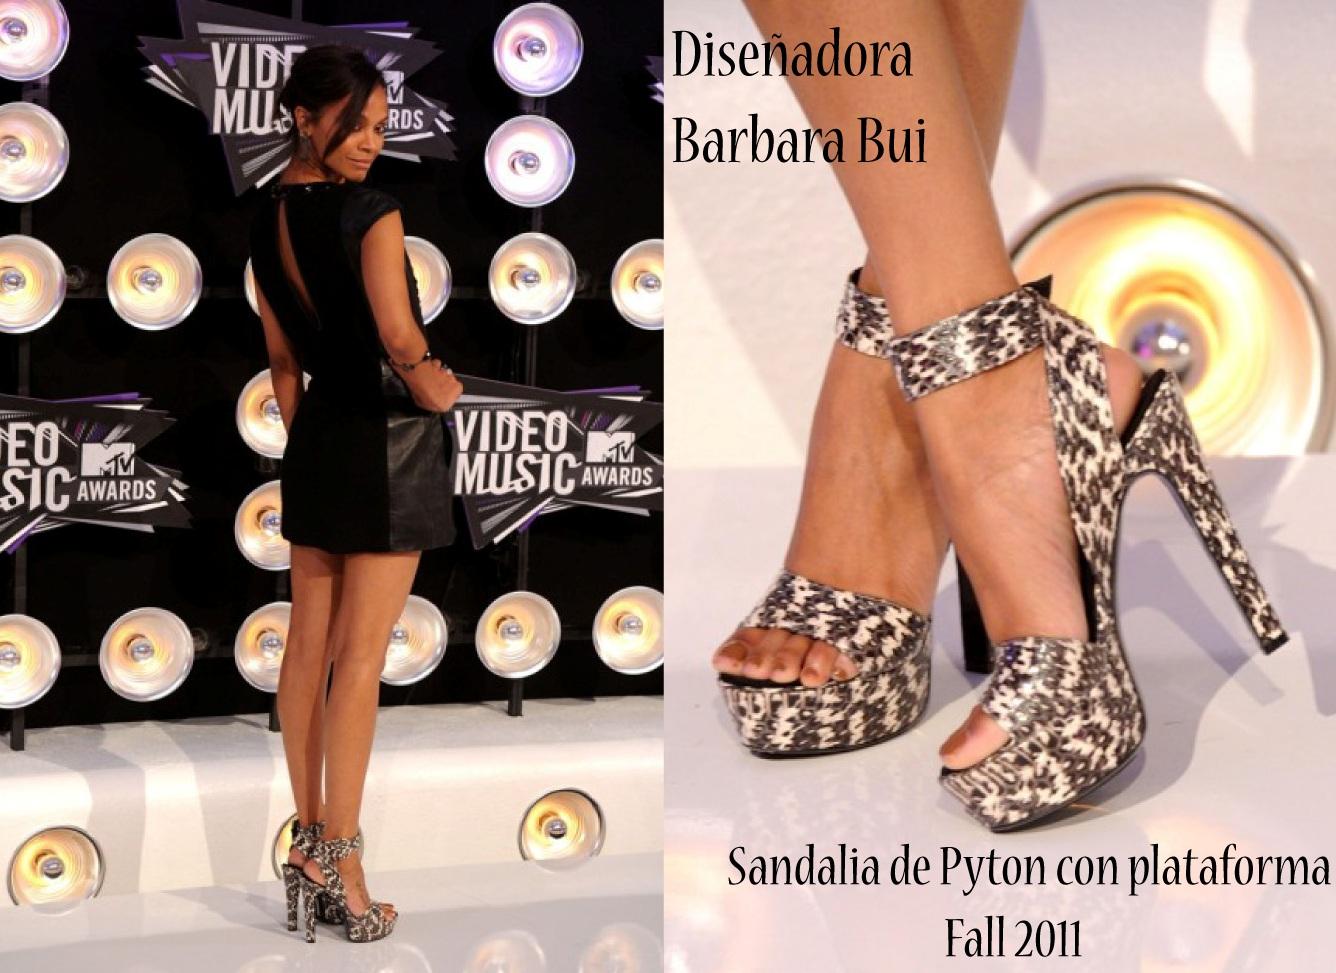 http://2.bp.blogspot.com/-33kcqbR3r9U/Tl15OpDeS0I/AAAAAAAAAd8/kQRSVT_0ixw/s1600/Zoe+Saldana.jpg